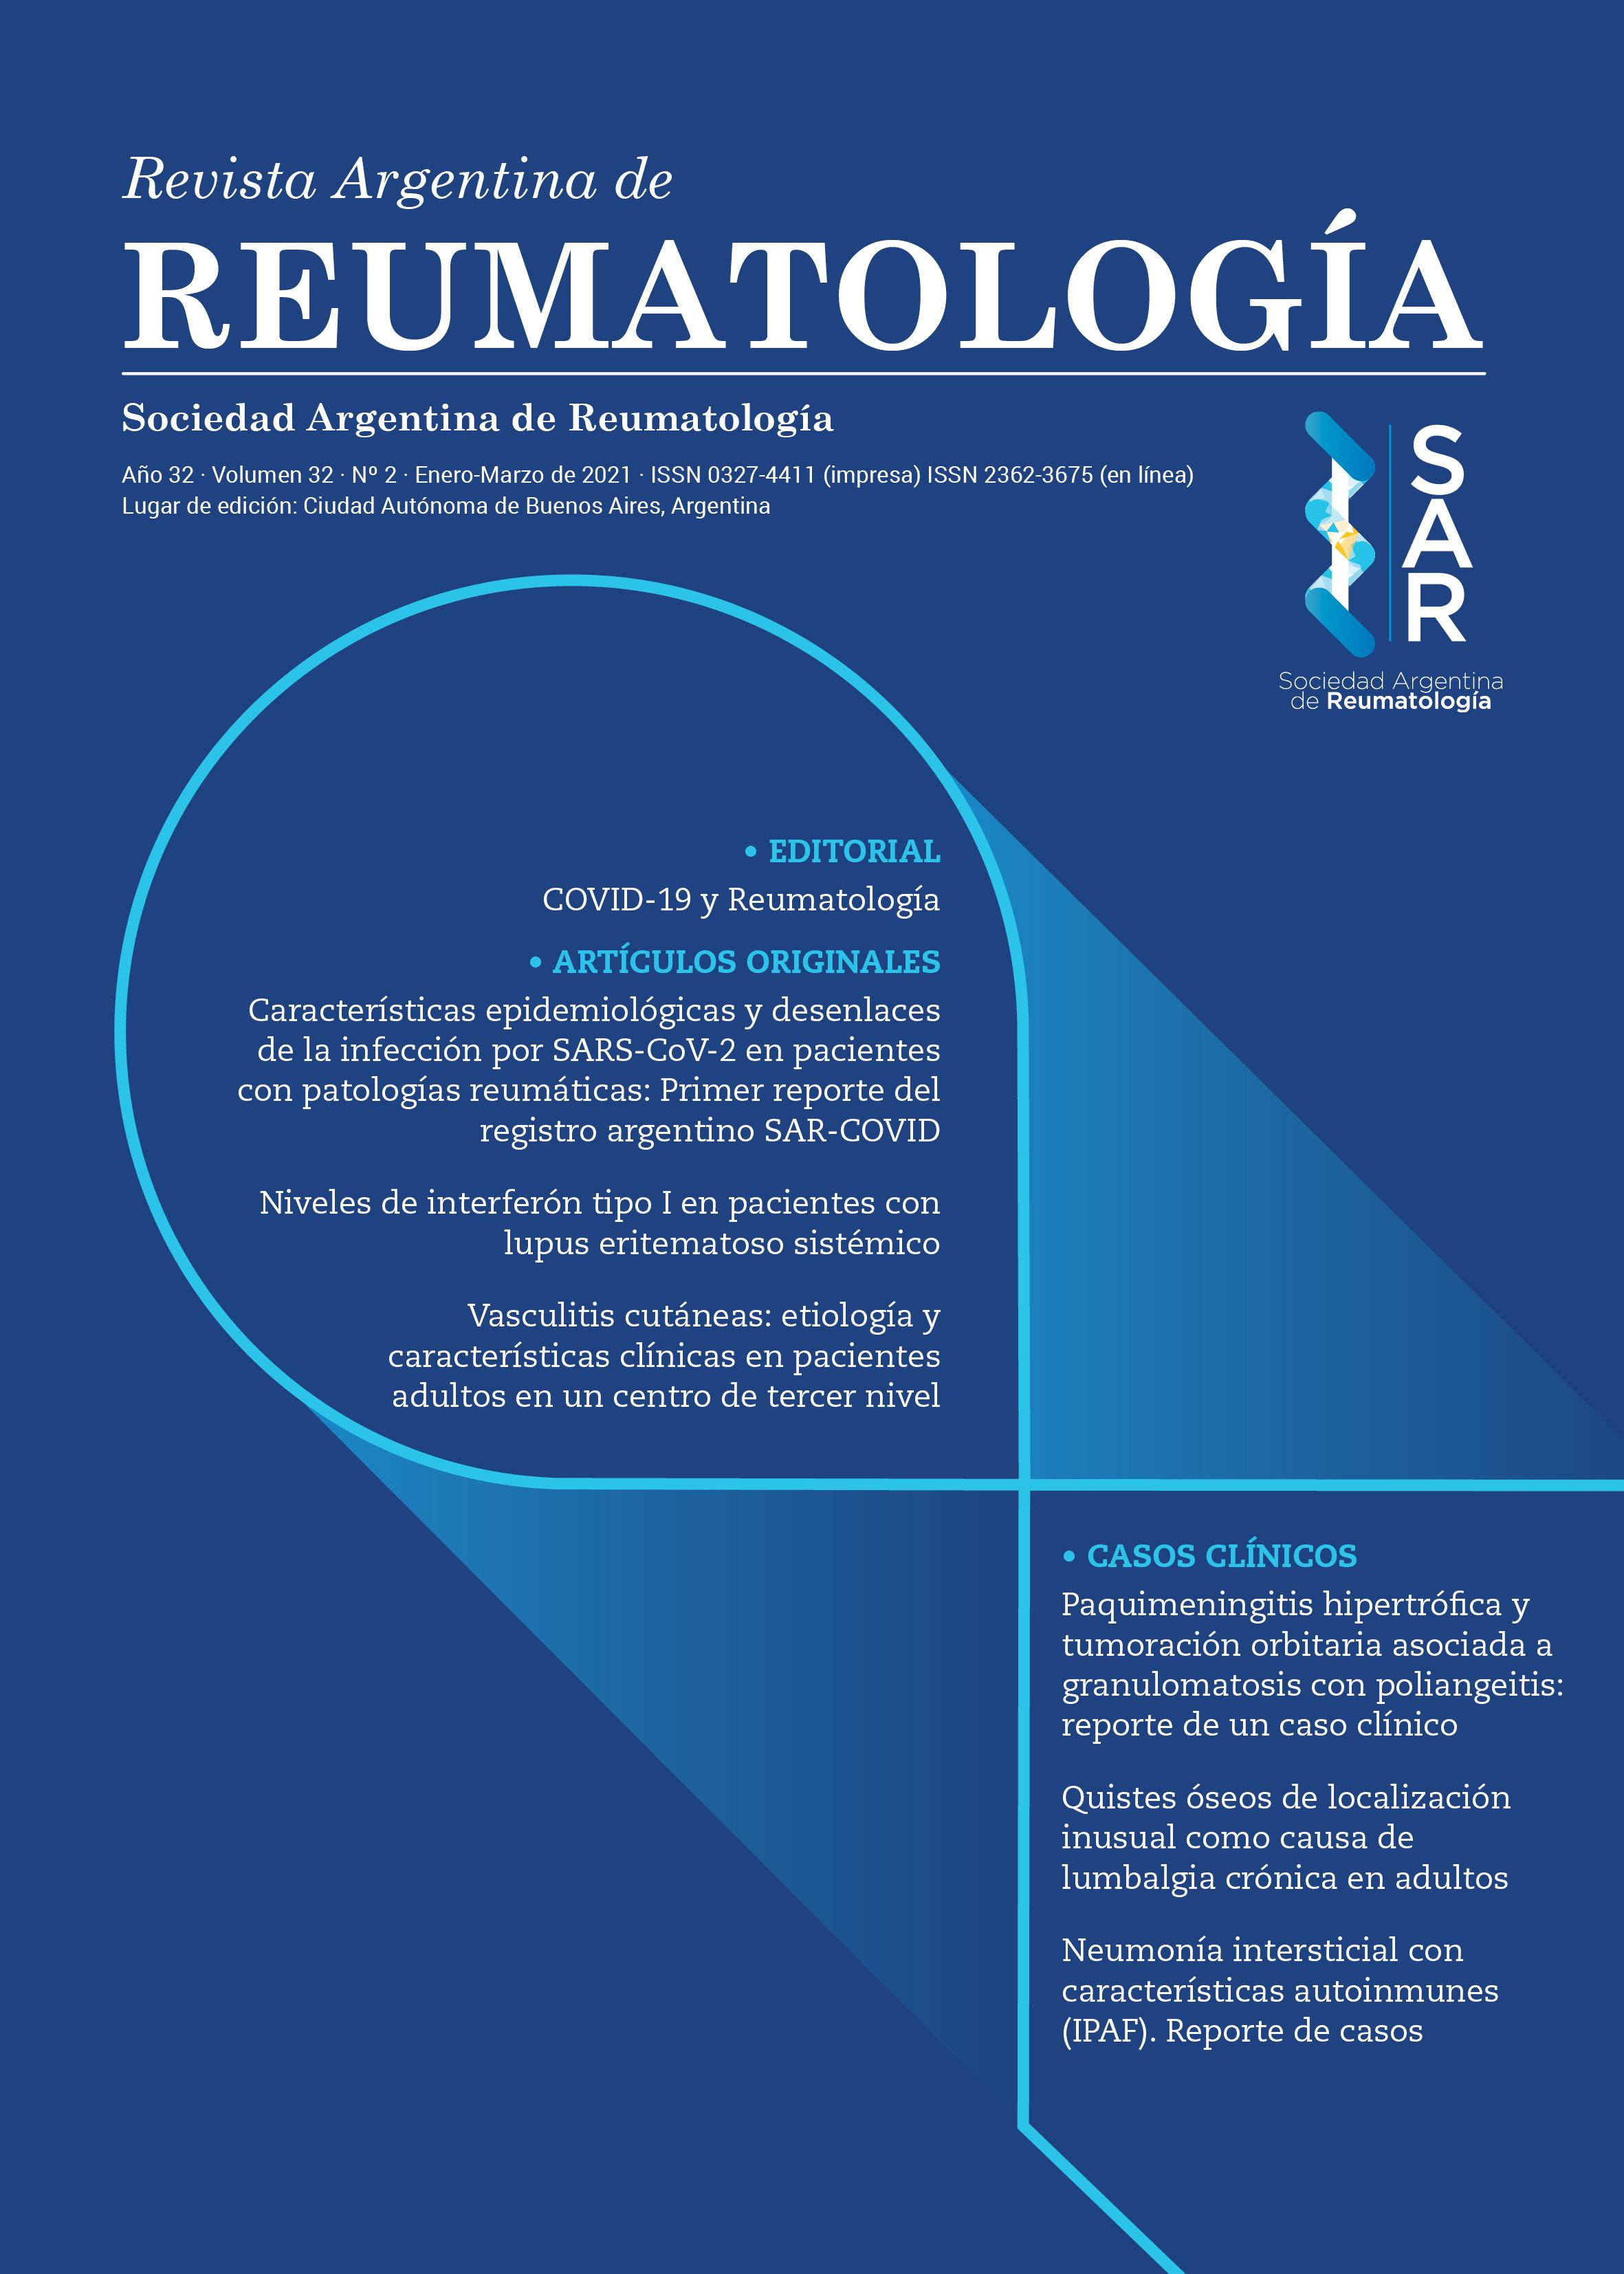 Revista Argentina de Reumatología Nº 1 de 2021